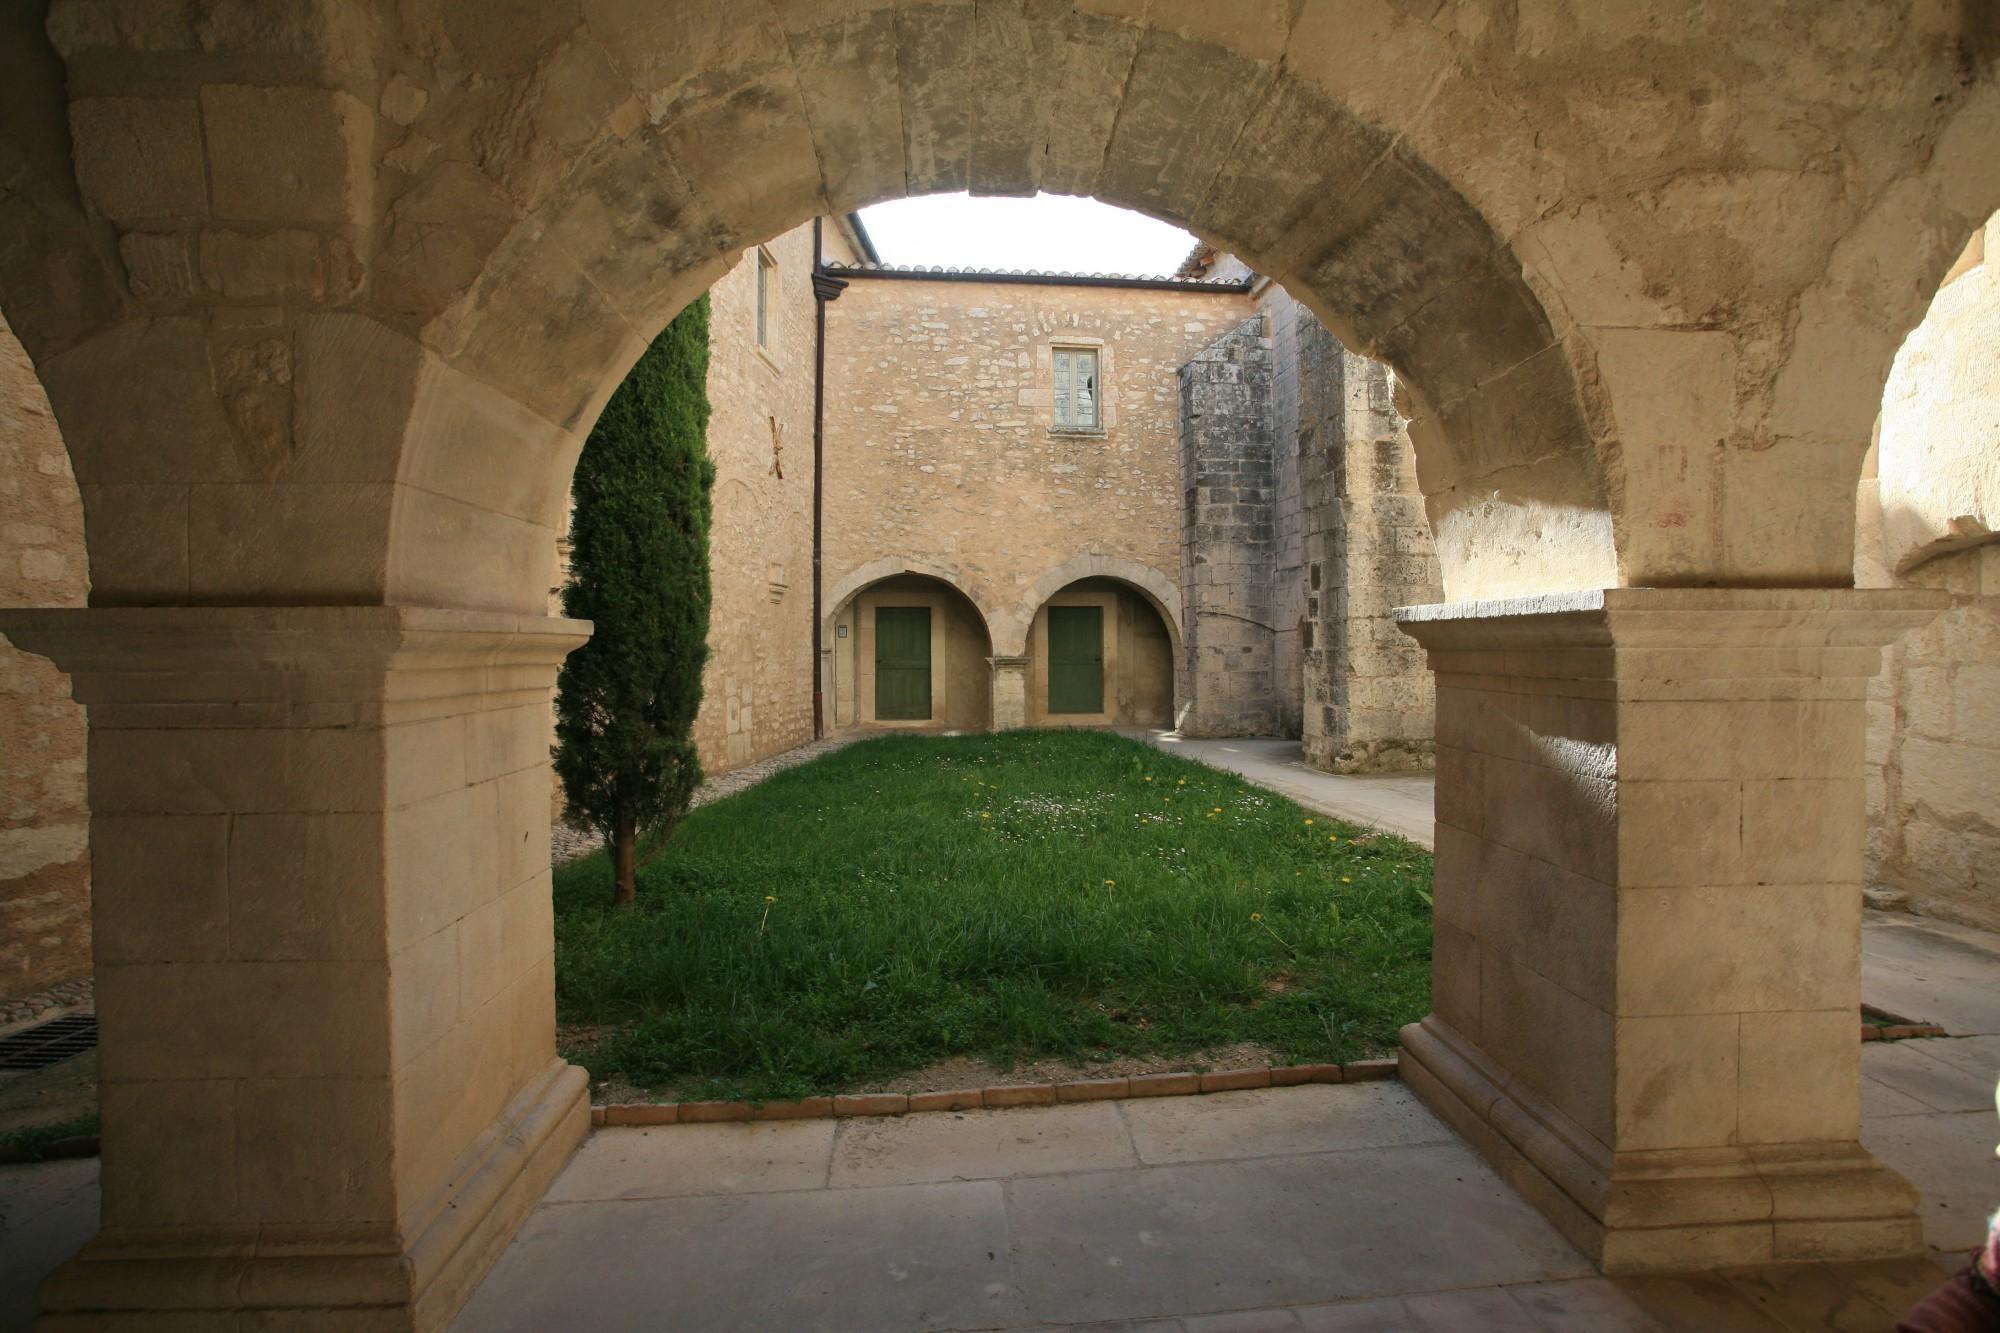 Le cloitre de l'Abbaye Saint-Hilaire de Ménerbes